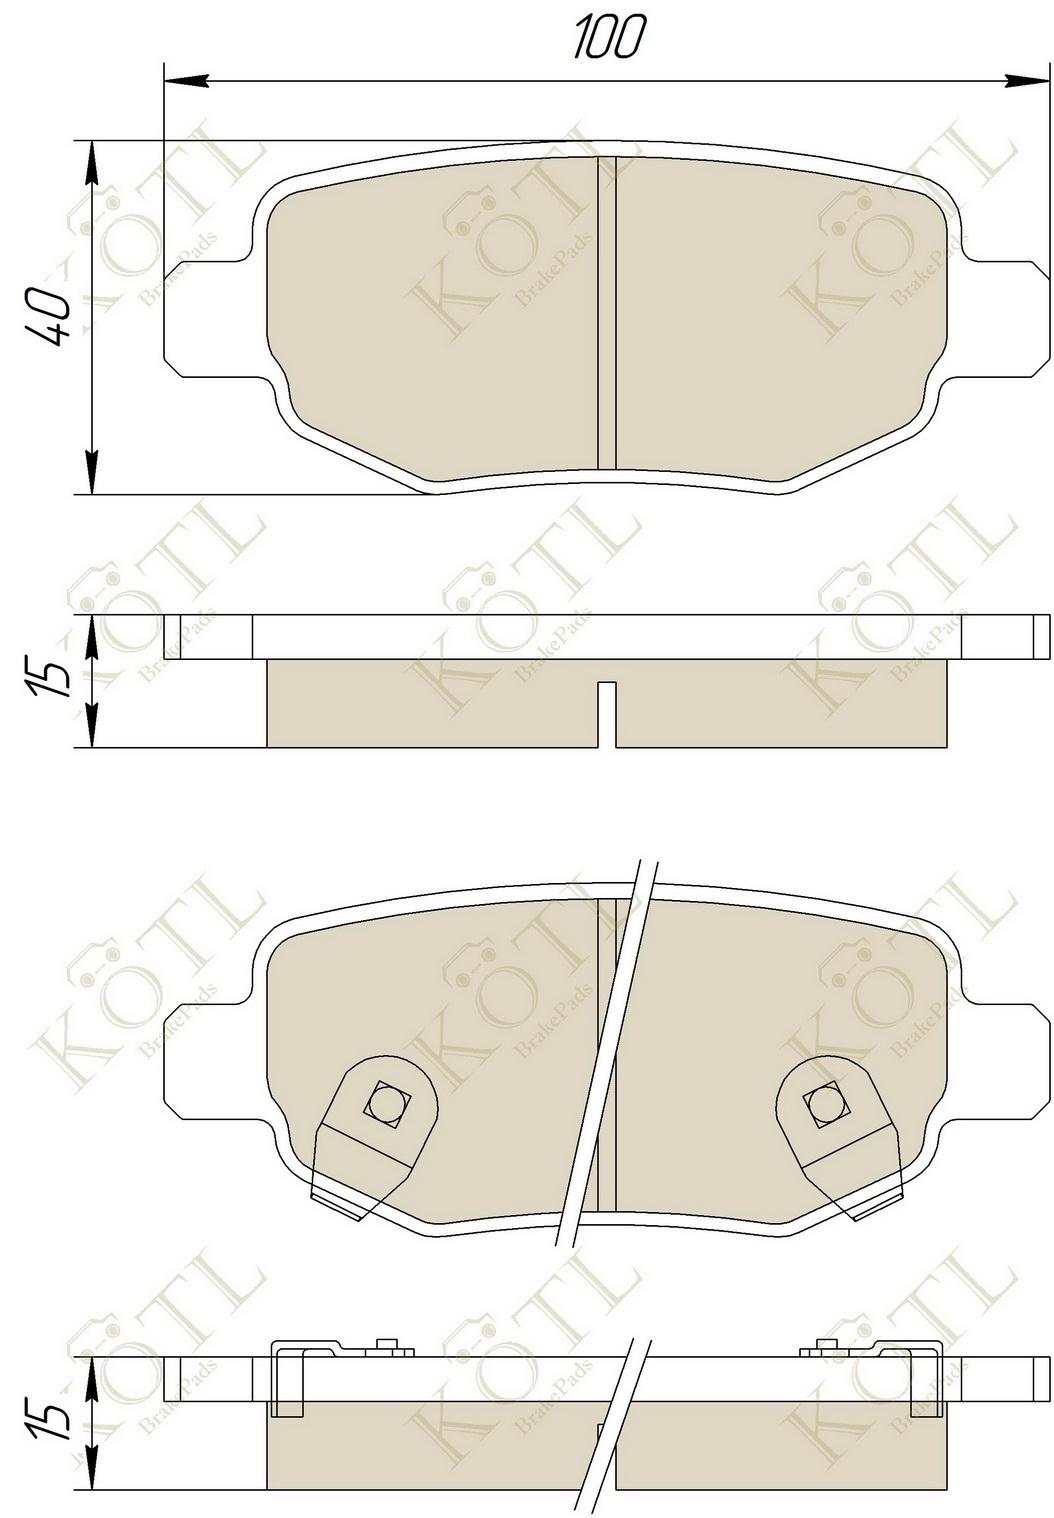 KOTL - Колодки тормозные chery(tiggo)-задние